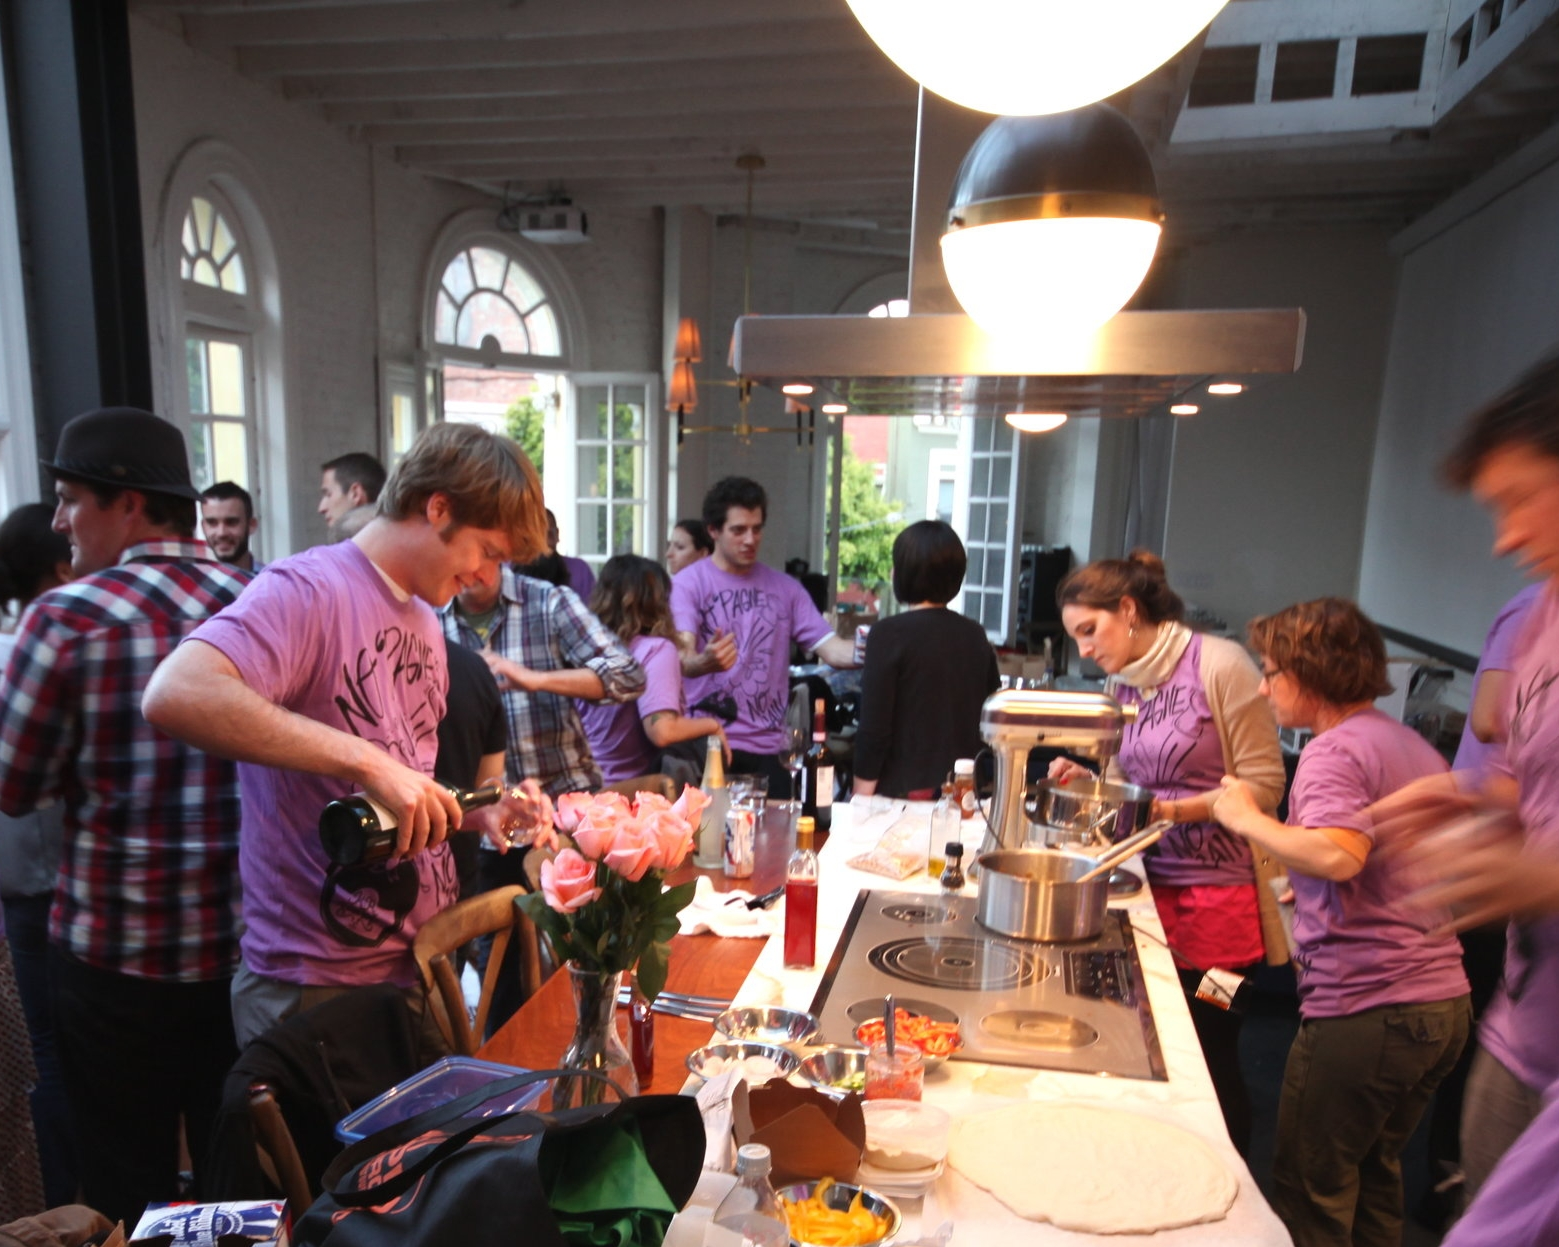 Sierra Fish-244-lots of ppl wearing purple around kitchen.JPG